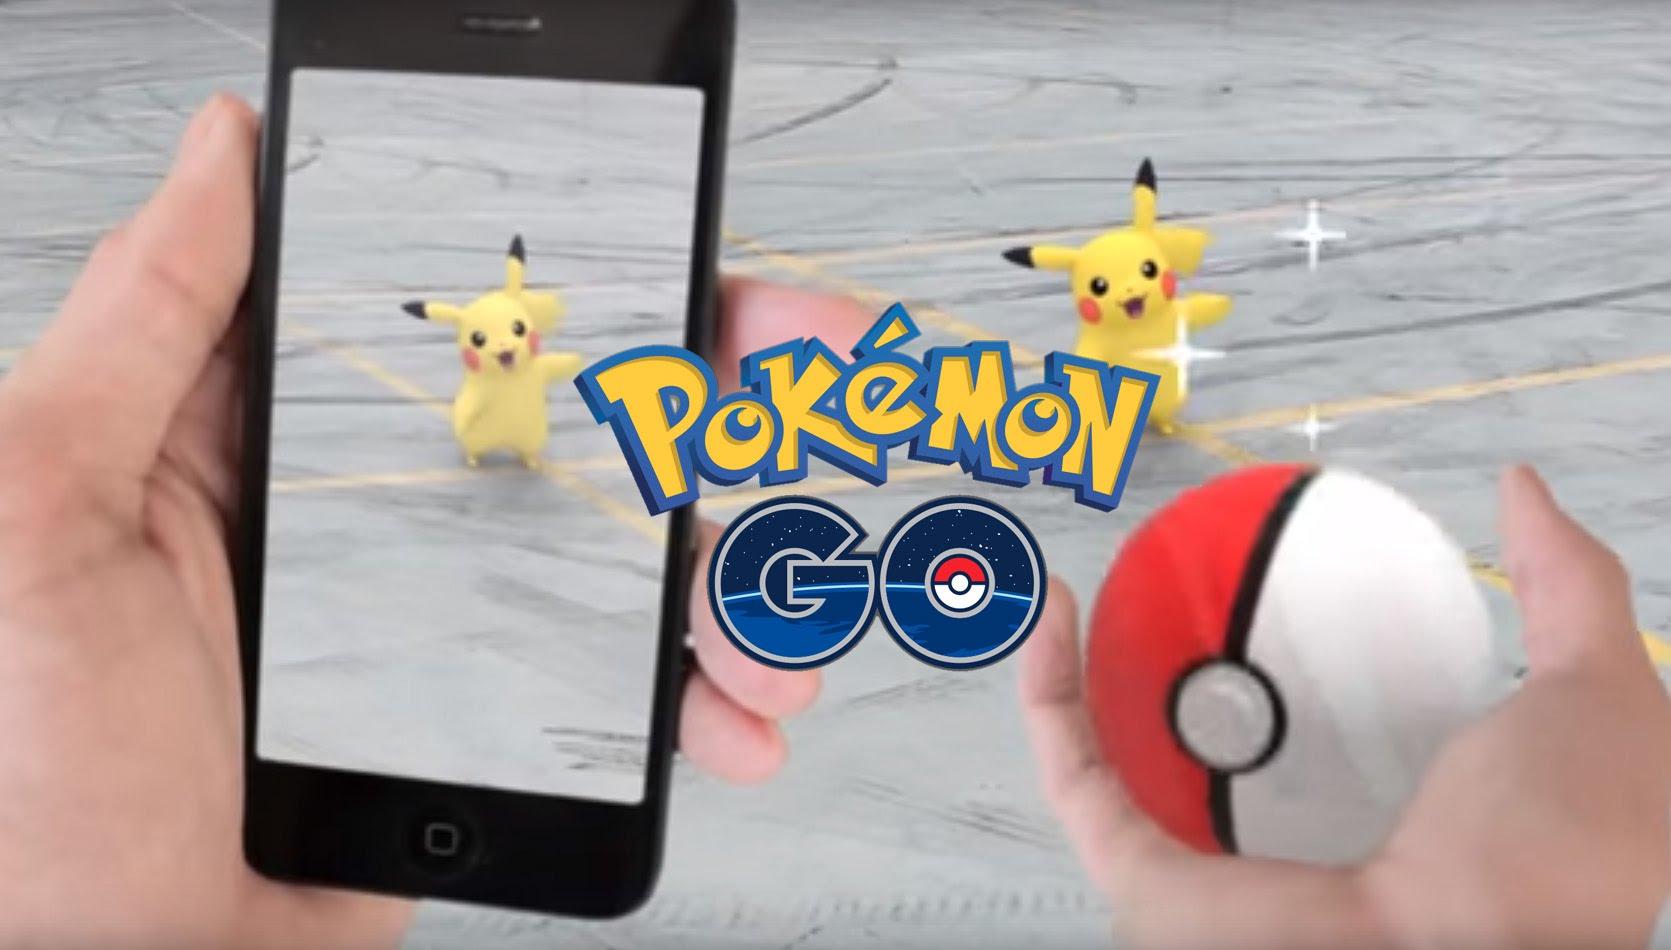 Chơi Pokemon Go trên smartphone trông sẽ như thế này